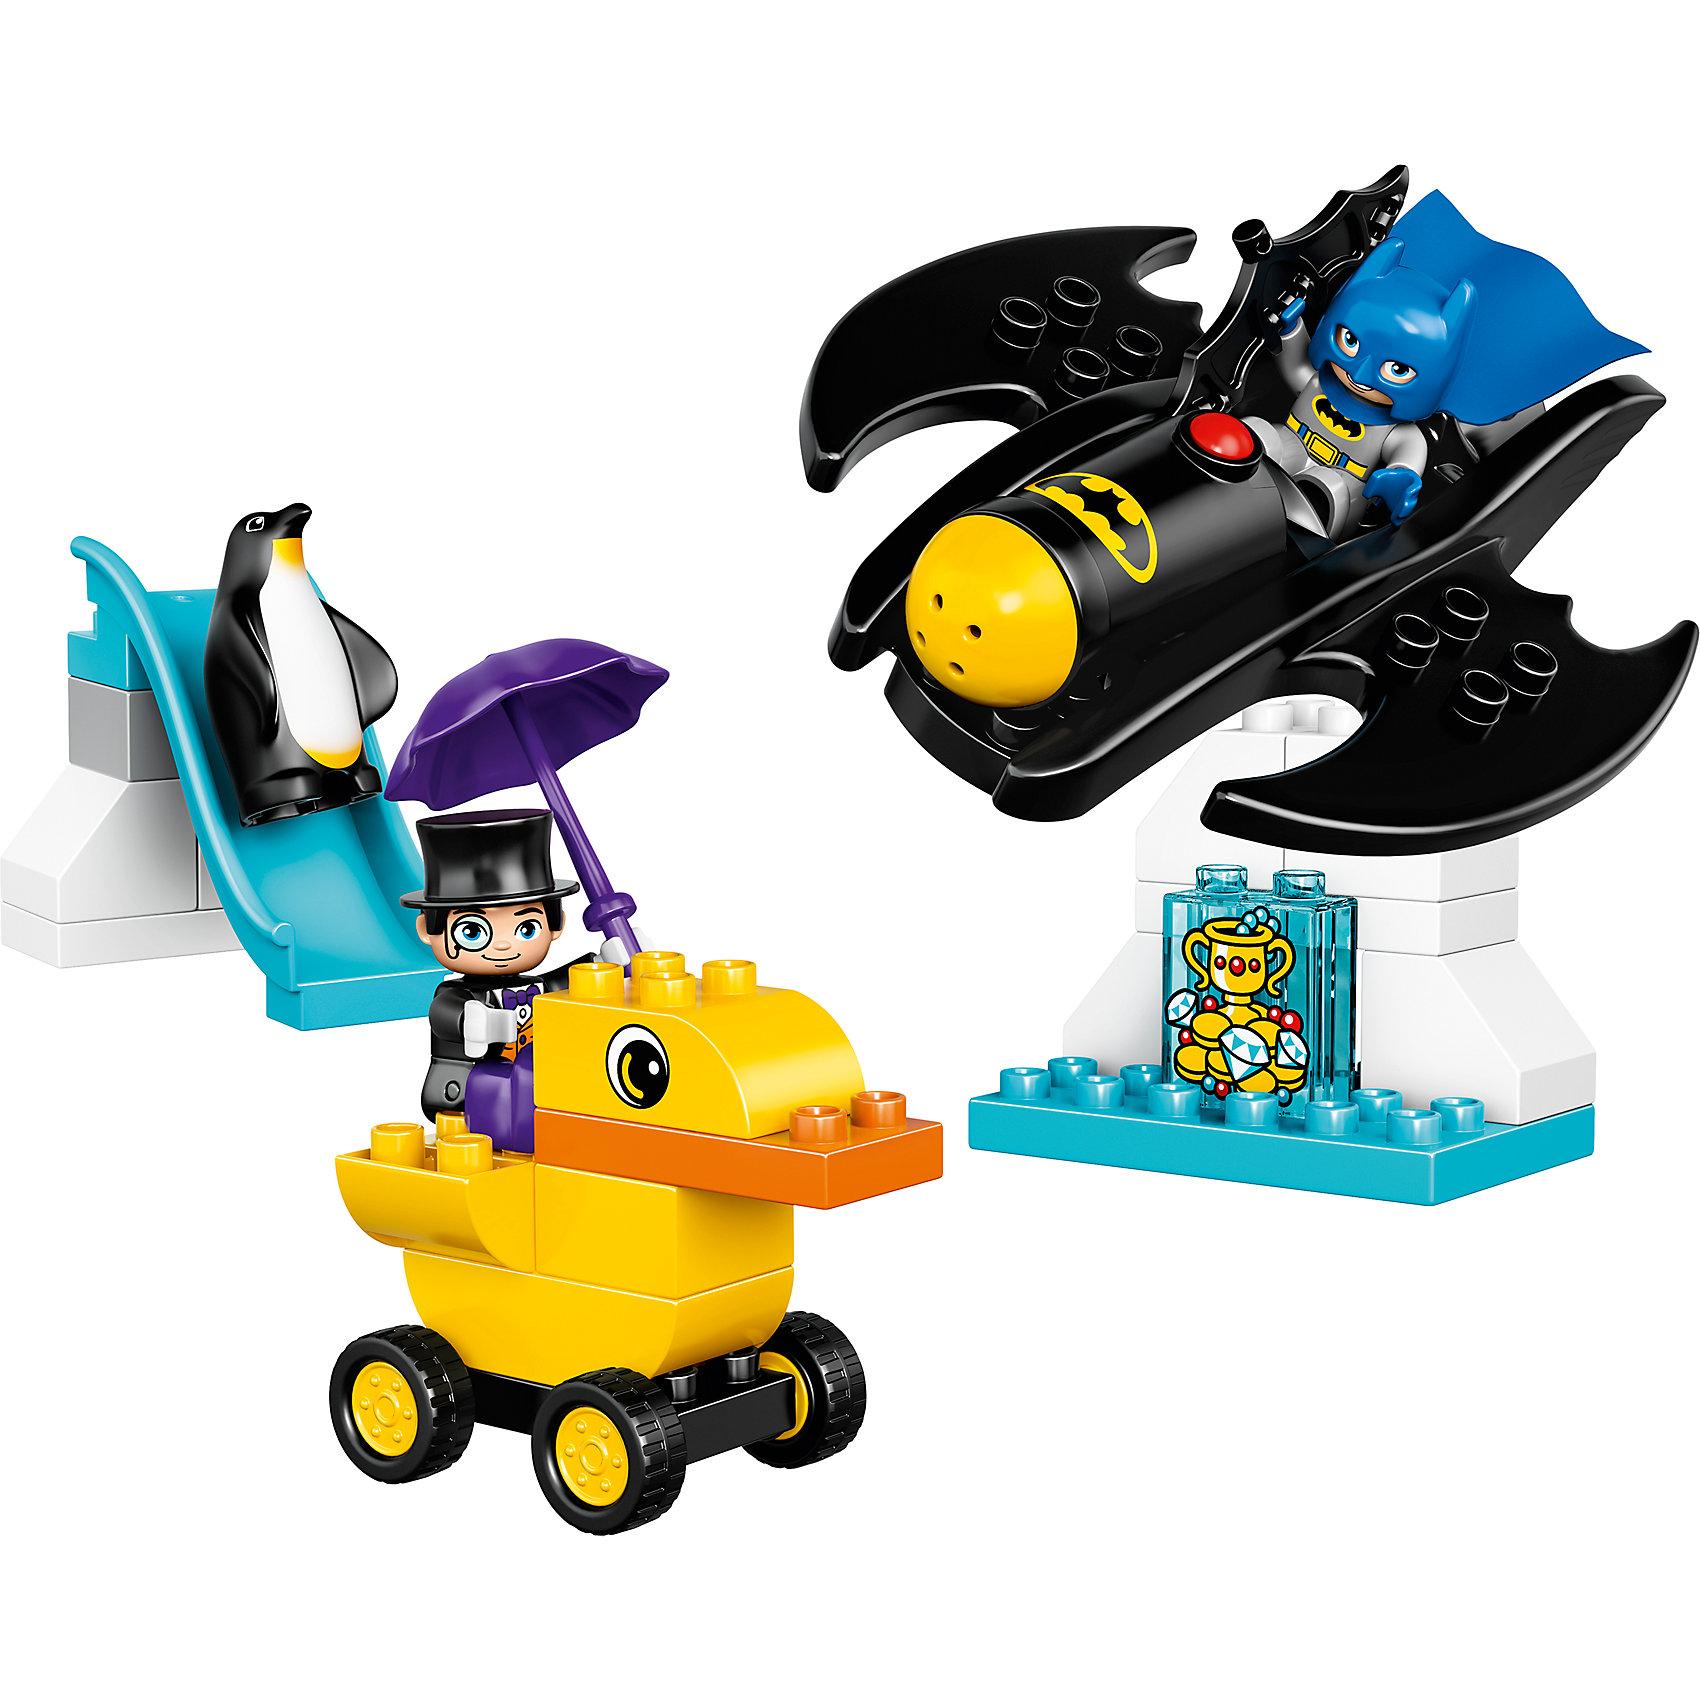 LEGO DUPLO 10823: Приключения на БэтмолётеПластмассовые конструкторы<br>LEGO DUPLO 10823: Приключения на Бэтмолёте<br><br>Характеристики:<br><br>- в набор входит: детали бэтмолета, уткомобиля, горки и льдины, фигурки Бэтмена и Пингвина, аксессуары, красочная инструкция<br>- состав: пластик<br>- количество деталей: 28 <br>- размер уткомобиля: 10 * 6 * 8 см.<br>- размер бэтмолета: 16 * 5 * 15 см.<br>- для детей в возрасте: от 2 до 5 лет<br>- Страна производитель: Дания/Китай/Чехия<br><br>Легендарный конструктор LEGO (ЛЕГО) представляет серию «DUPLO» (Д?пло) для самых маленьких строителей ЛЕГО от 2-х лет. Кубики этой серии в два раза больше обычных, так же как и фигурки. Серия позволяет ребёнку самостоятельно собирать наборы легкие в постройке и сосредоточенные на ситуациях из повседневной жизни, профессиях и любимых героях из мультфильмов. Этот набор посвящен юным фанатам мультфильмов о Бэтмене. Здесь вы найдете все необходимое для отличной игры. Фигурка Бэтмена отлично детализирована, он представлен в синем бэткостюме с синей маской и синим плащом из мягкого безопасного пластика. Злодей Пингвин как всегда в своем фраке и шляпе. Фигурки могут двигать руками, головой и принимать сидячее положение. Бэтмолет оснащен стреляющей пушкой и большим снарядом, теперь злодею не уйти! Пингвин расположился на своей базе вместе с украденными драгоценностями. С ним его приспешник – небольшой пингвин, который катается в горки. У злодея тоже исеется транспортное средство – желтый уткомобиль. Из аксессуаров к Бэтмену прилагется бэтаранг, а к Пингвину фиолетовый зонтик. Все детали набора легко собираются и в них можно играть почти сразу. Играя с конструктором ребенок развивает моторику рук, воображение и логическое мышление. Придумывайте новые игры с набором LEGO «DUPLO»!<br><br>Конструктор LEGO DUPLO 10823: Приключения на Бэтмолёте можно купить в нашем интернет-магазине.<br><br>Ширина мм: 76<br>Глубина мм: 282<br>Высота мм: 262<br>Вес г: 527<br>Возраст от месяцев: 24<br>Возраст до меся